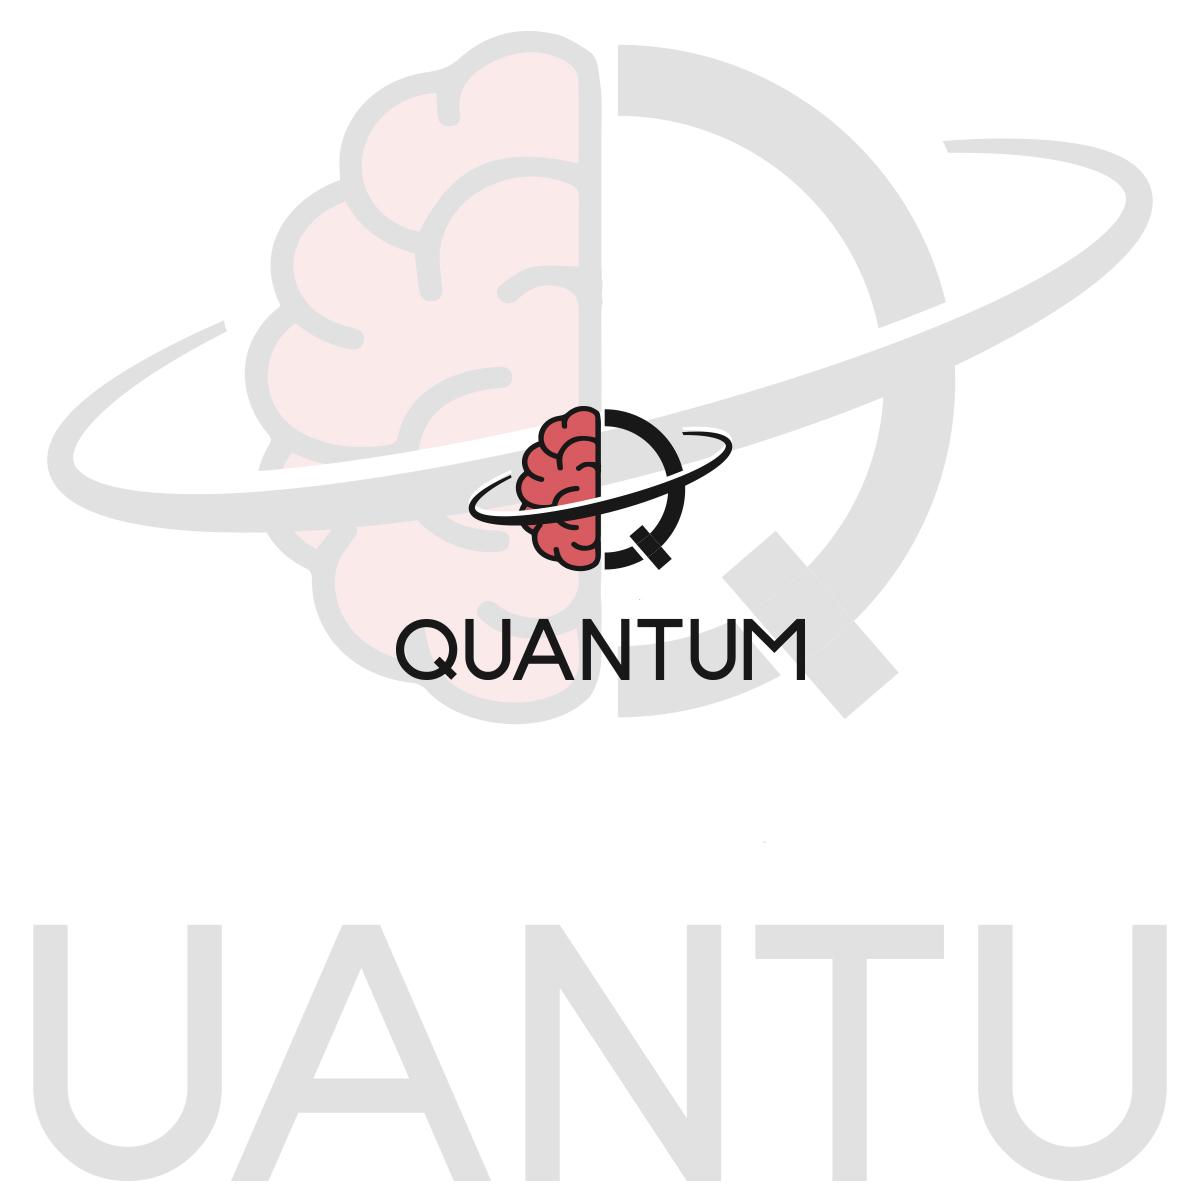 Редизайн логотипа бренда интеллектуальной игры фото f_8305bc1c5f25d0b9.jpg